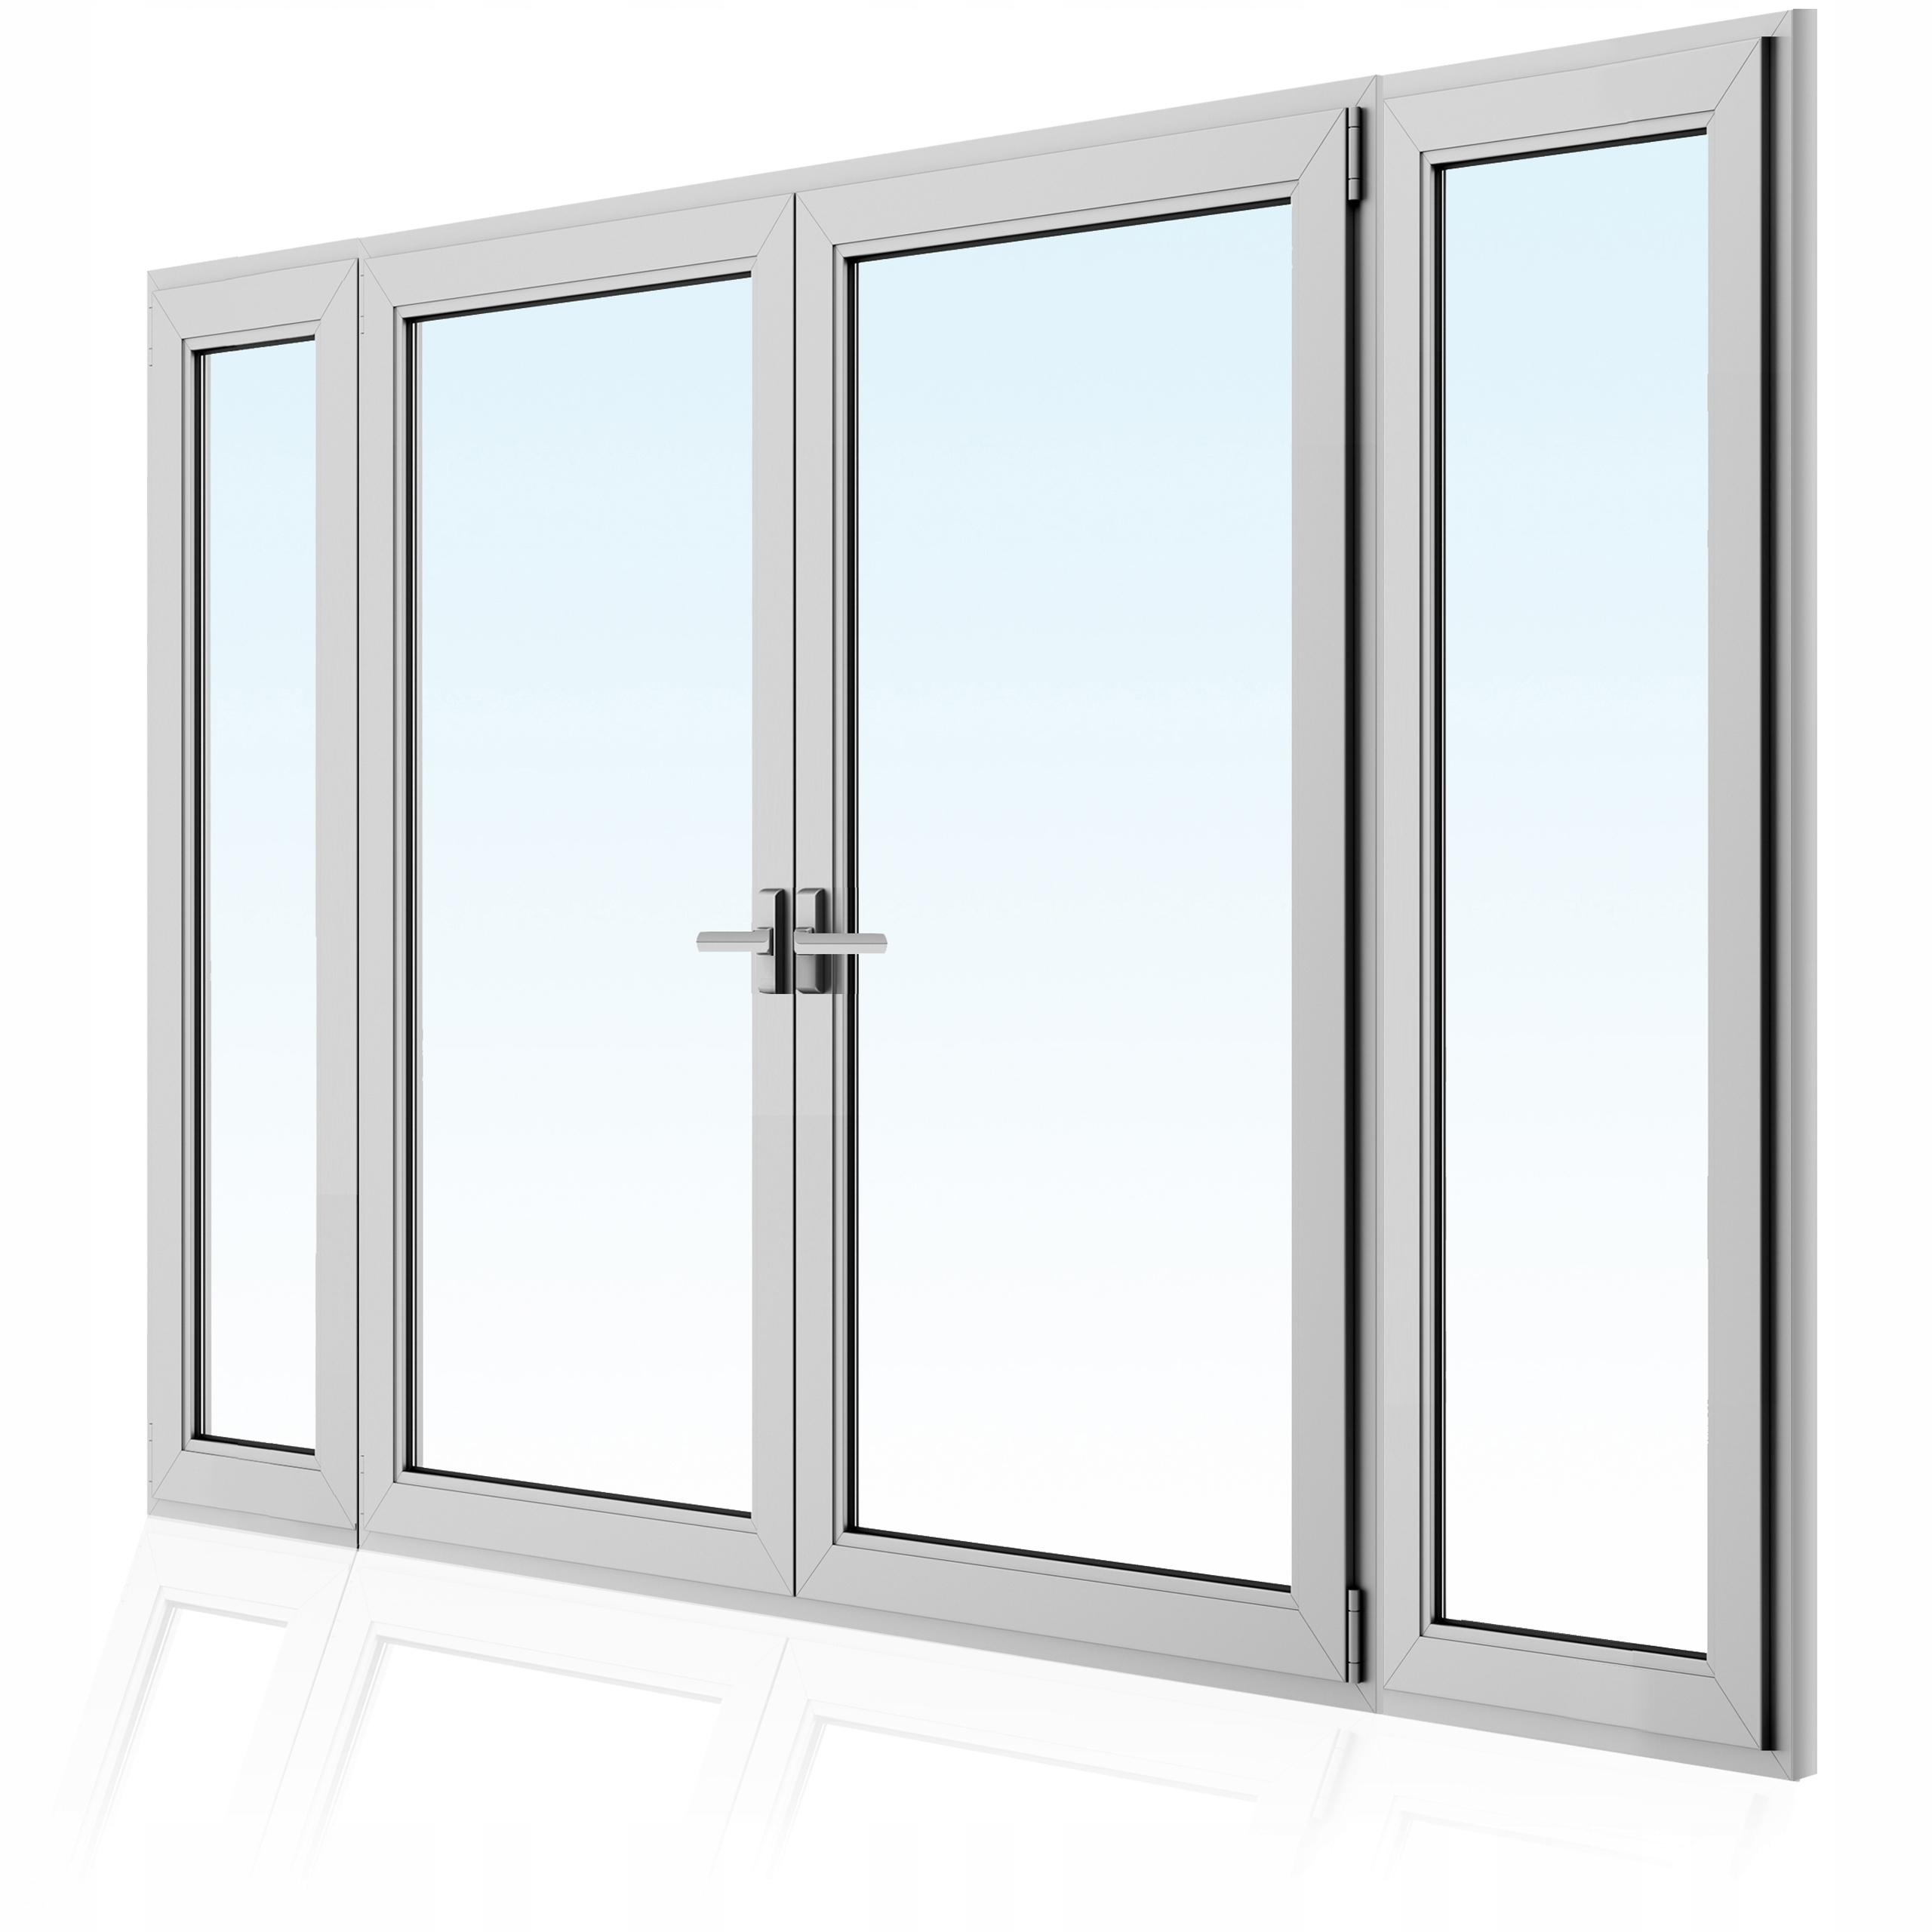 Dodatkowe drzwi balkonowe pcv ceny w Oficjalnym Archiwum Allegro - Strona 2 VZ25